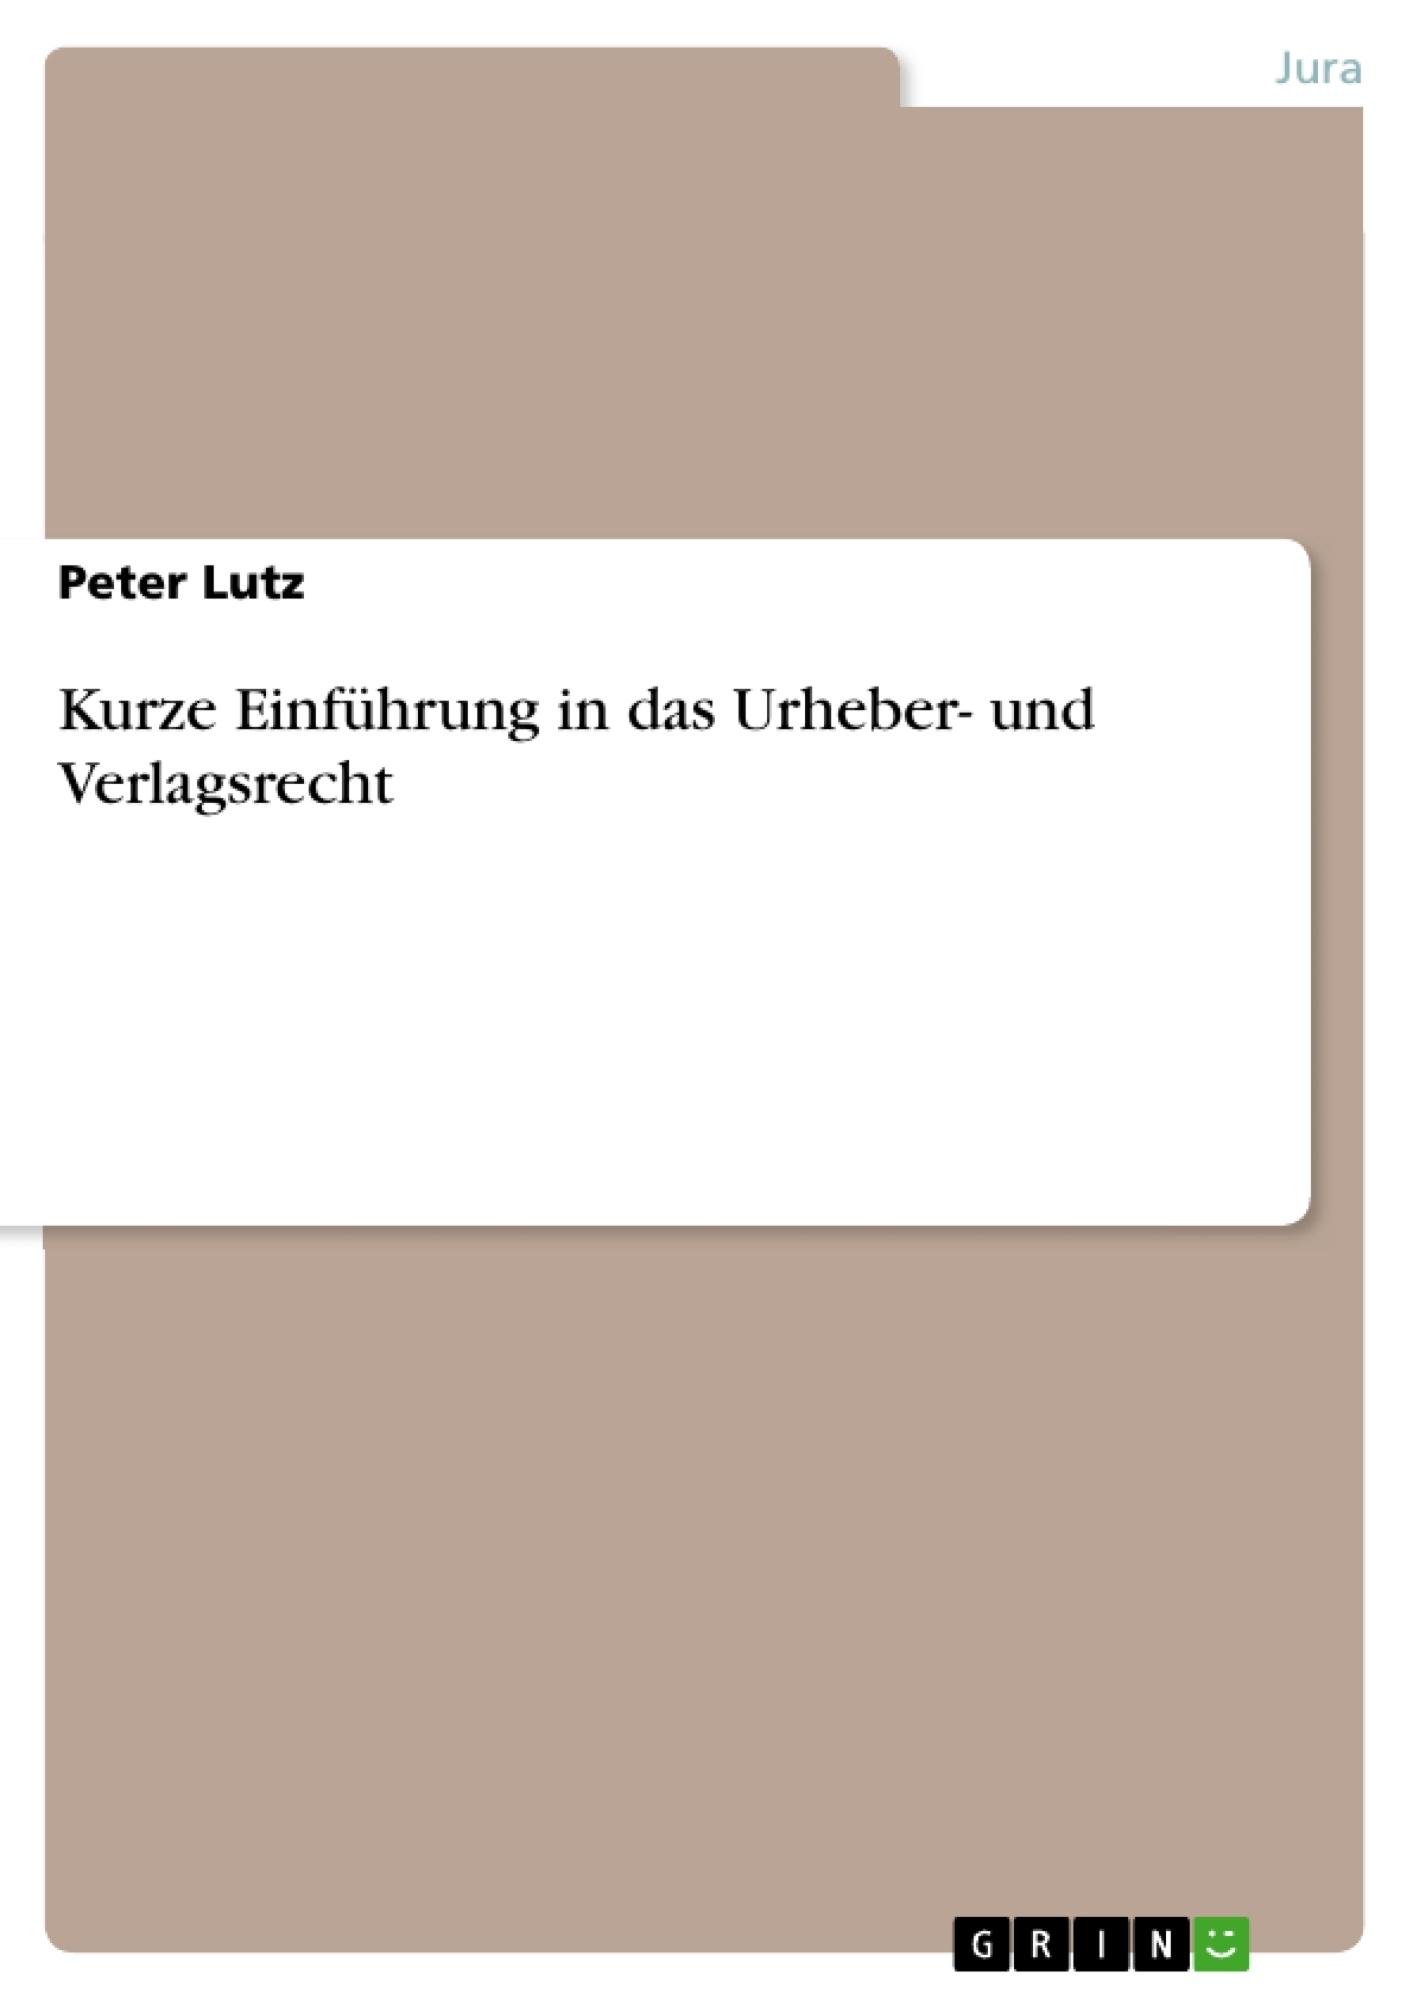 Titel: Kurze Einführung in das Urheber- und Verlagsrecht